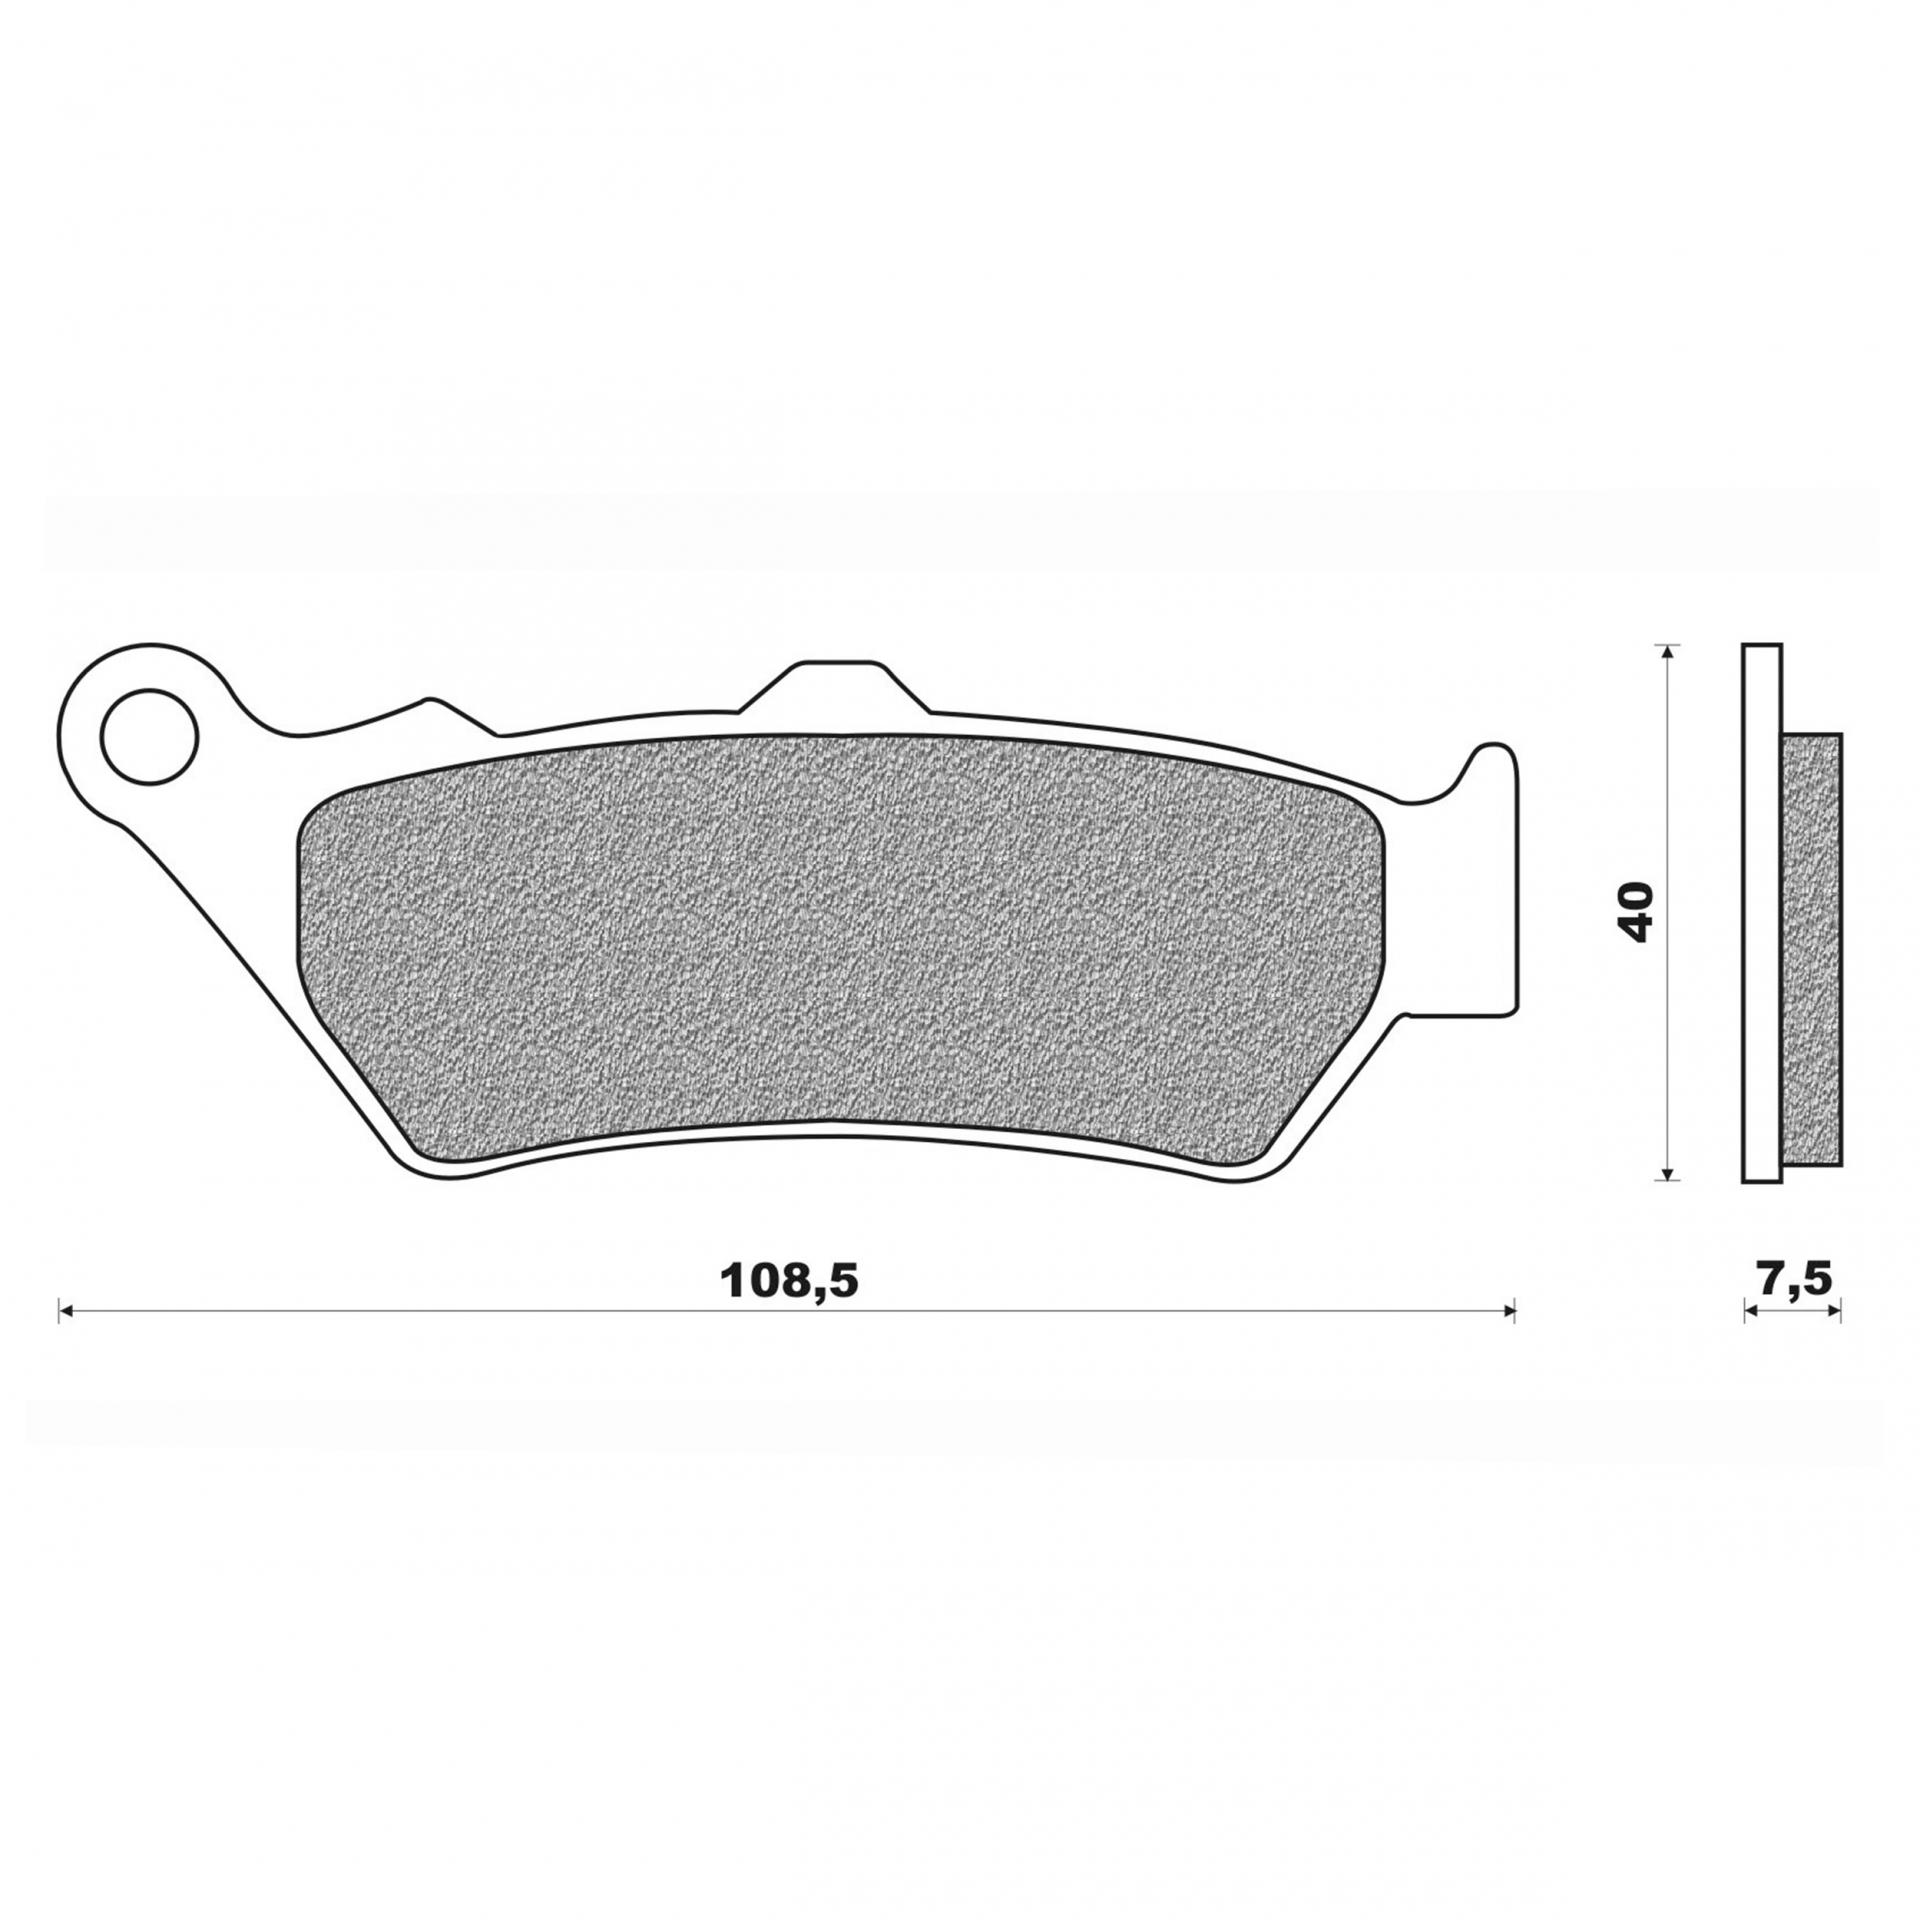 Plaquettes de frein Newfren Honda 650 Deauville / Moto Guzzi 940 Bella